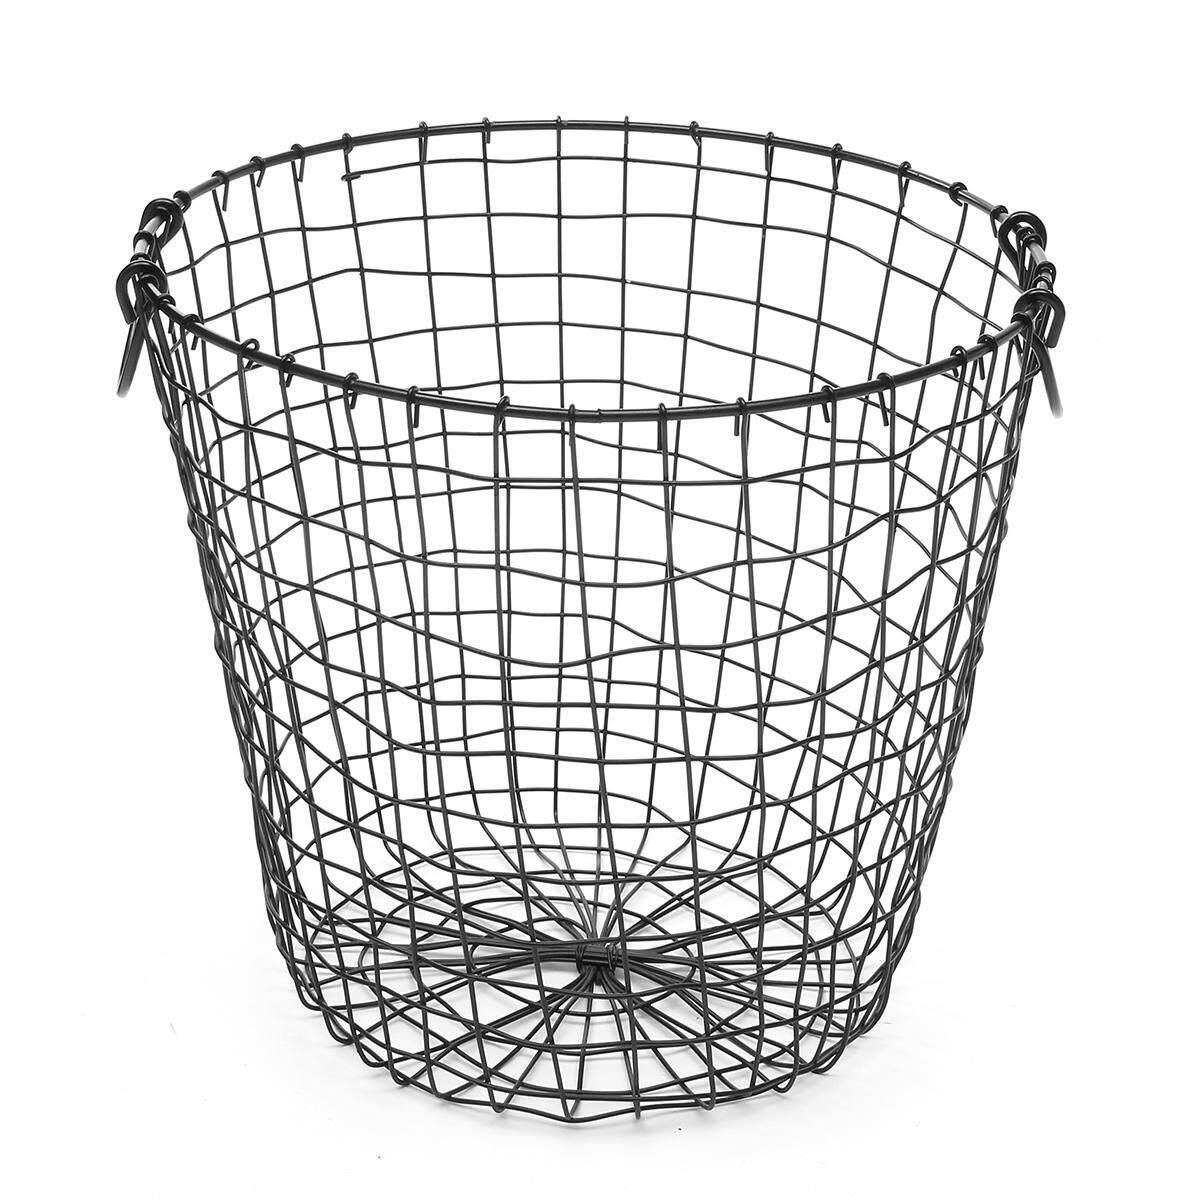 Metal Wire Basket Storage Waste Paper Bin Storage Rustic Industrial Home Gift(black) By Moonbeam.